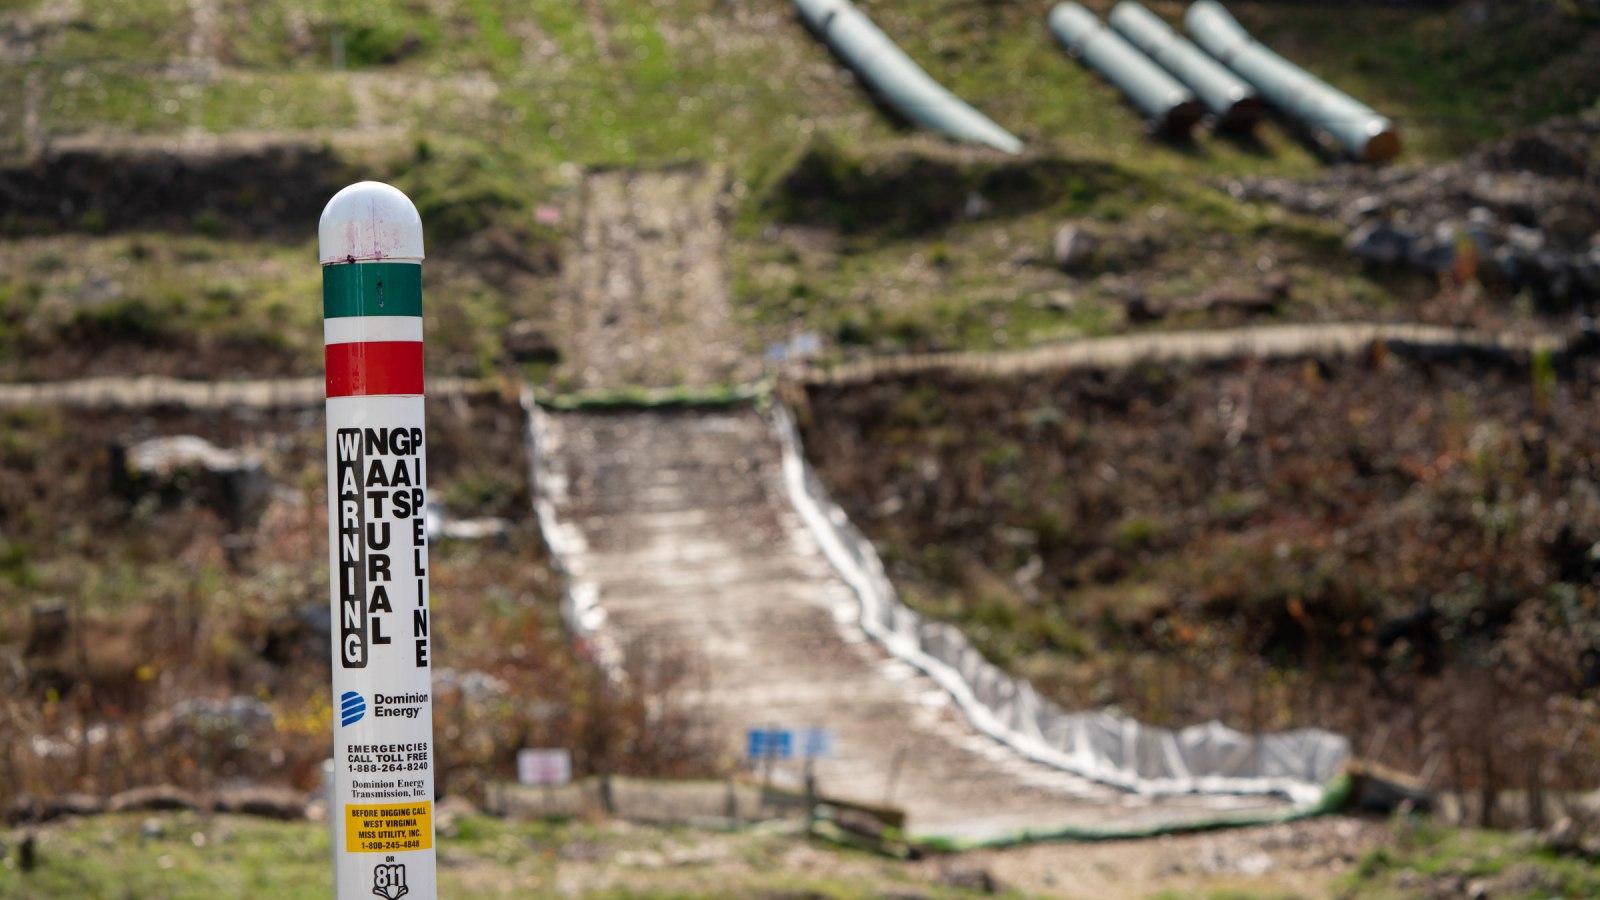 Dominion pipeline